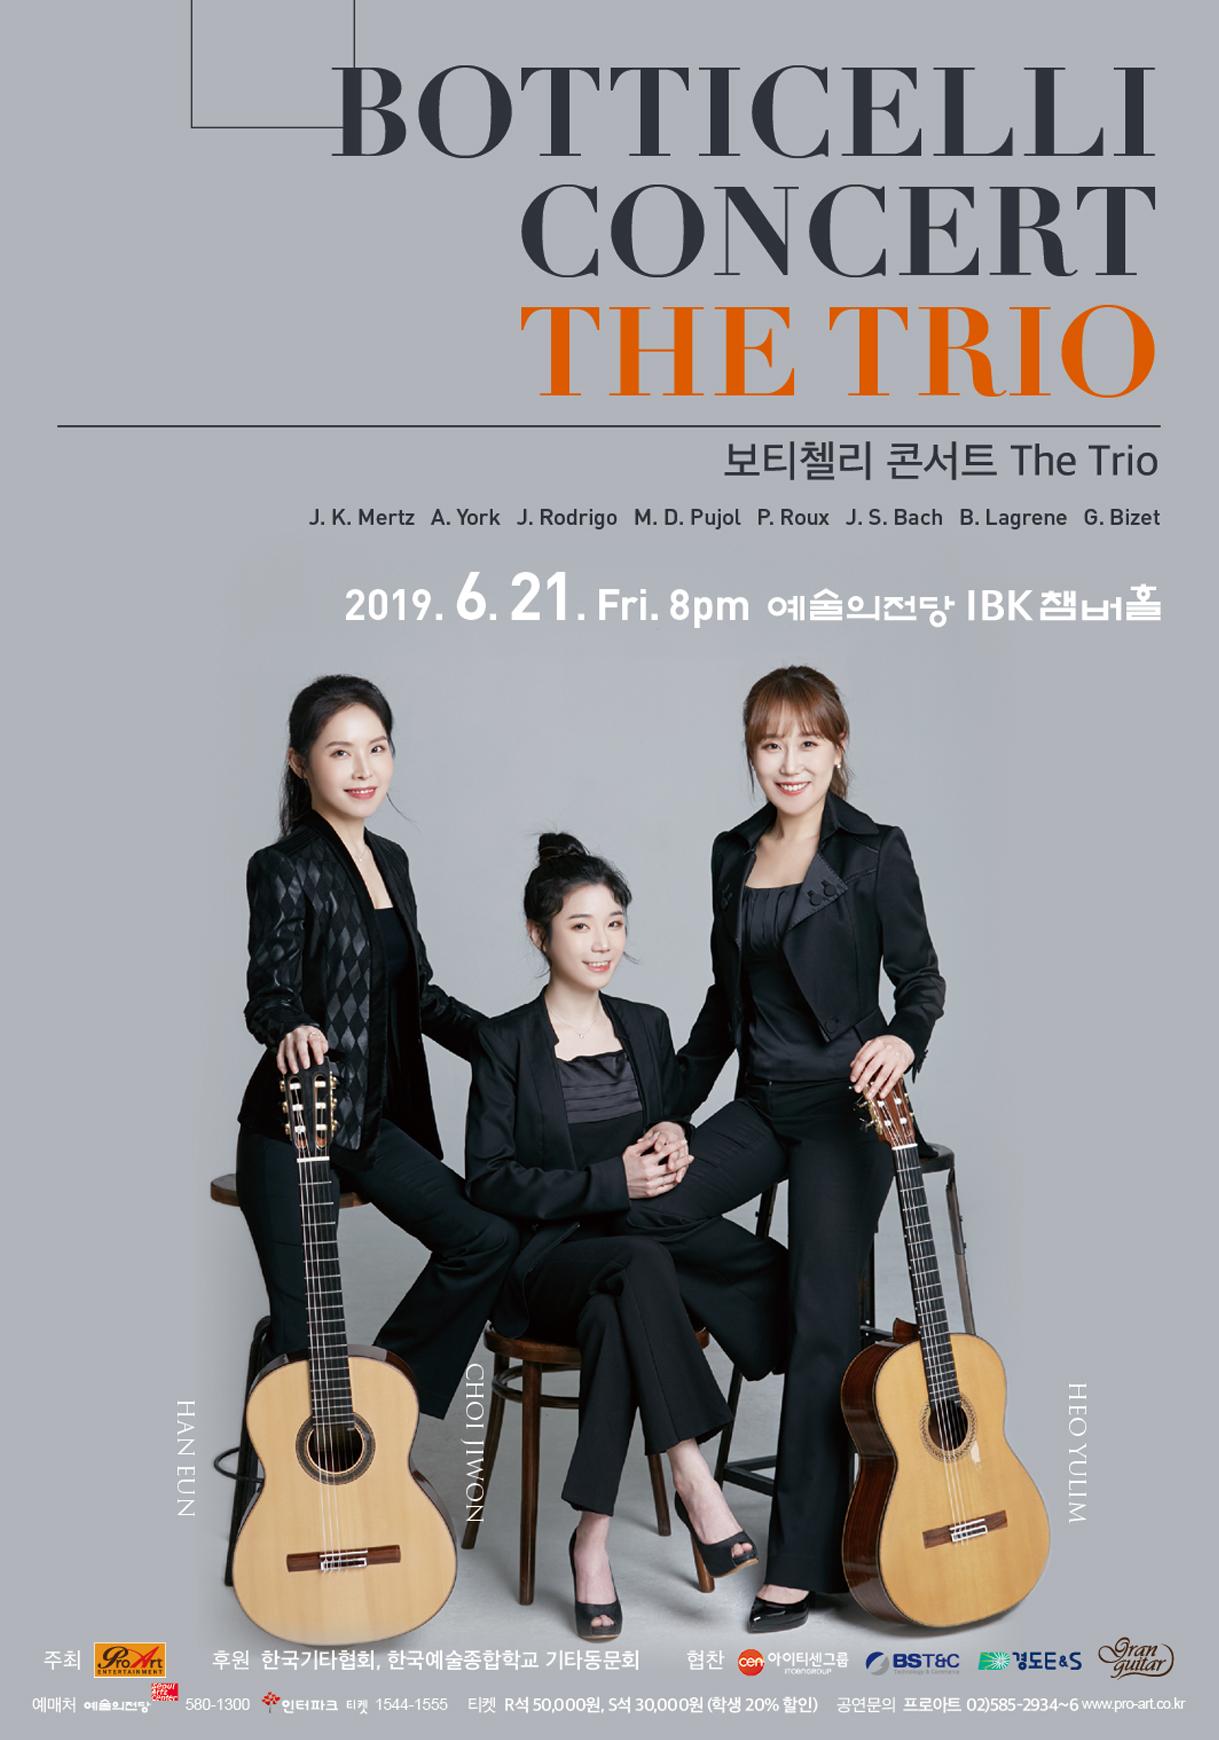 2019.06.21 보티첼리 콘서트 The Trio_포스터.jpg